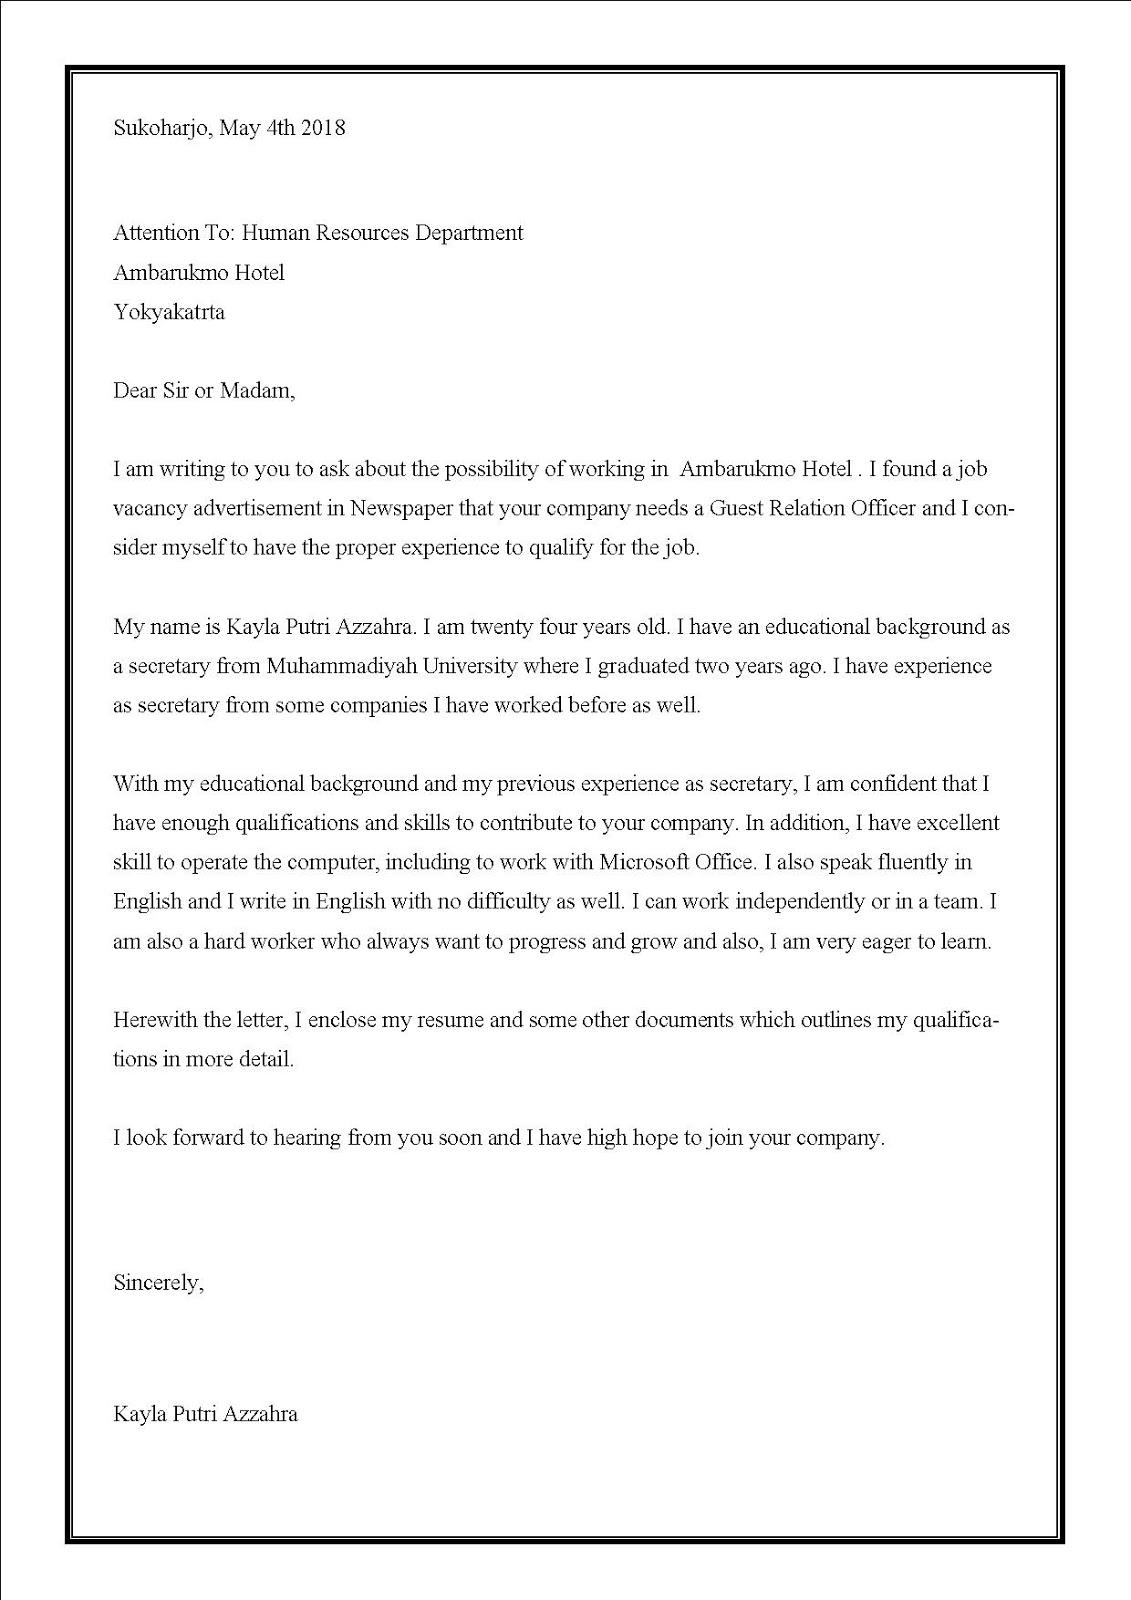 Contoh surat lamaran kerja di hotel untuk bagian Guest Relation Officer